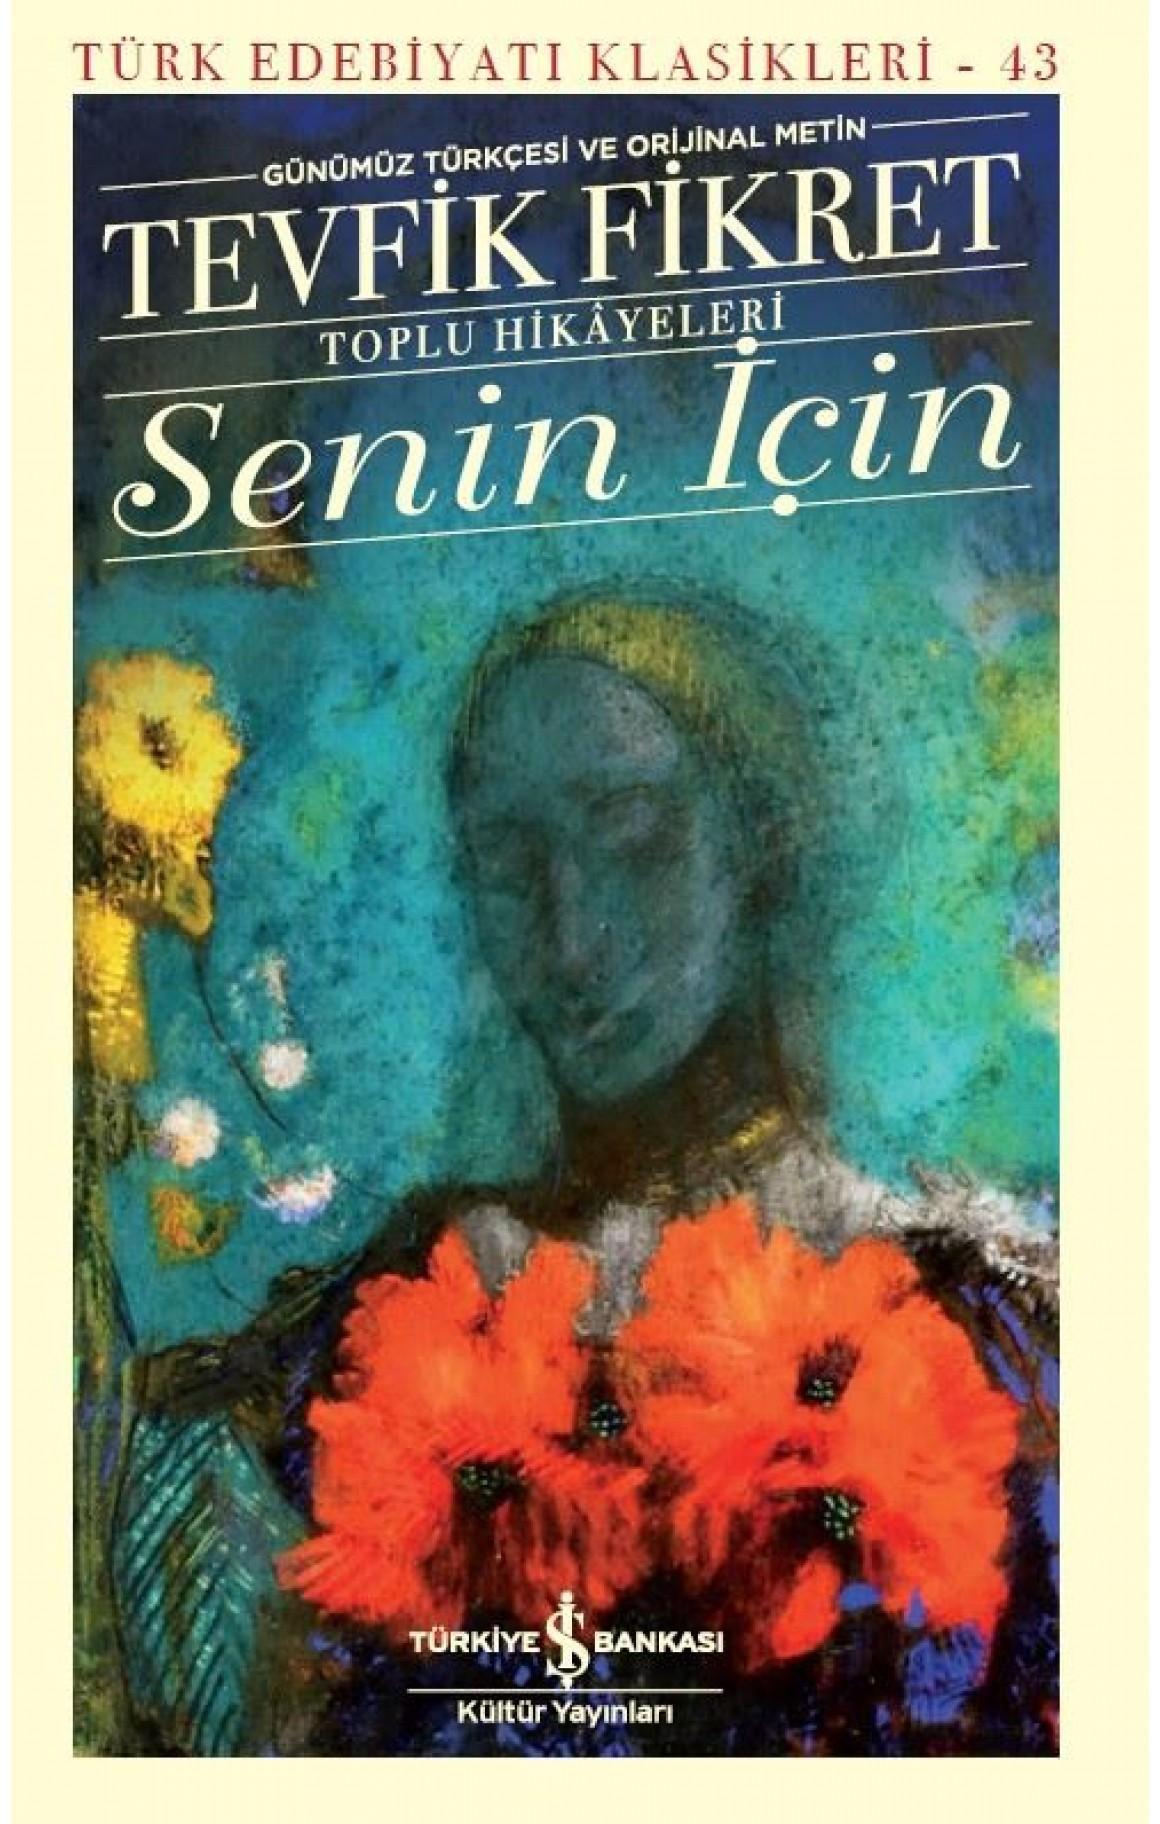 Senin İçin - Toplu Hikayeleri - Günümüz Türkçesi ve Orijinal Metin